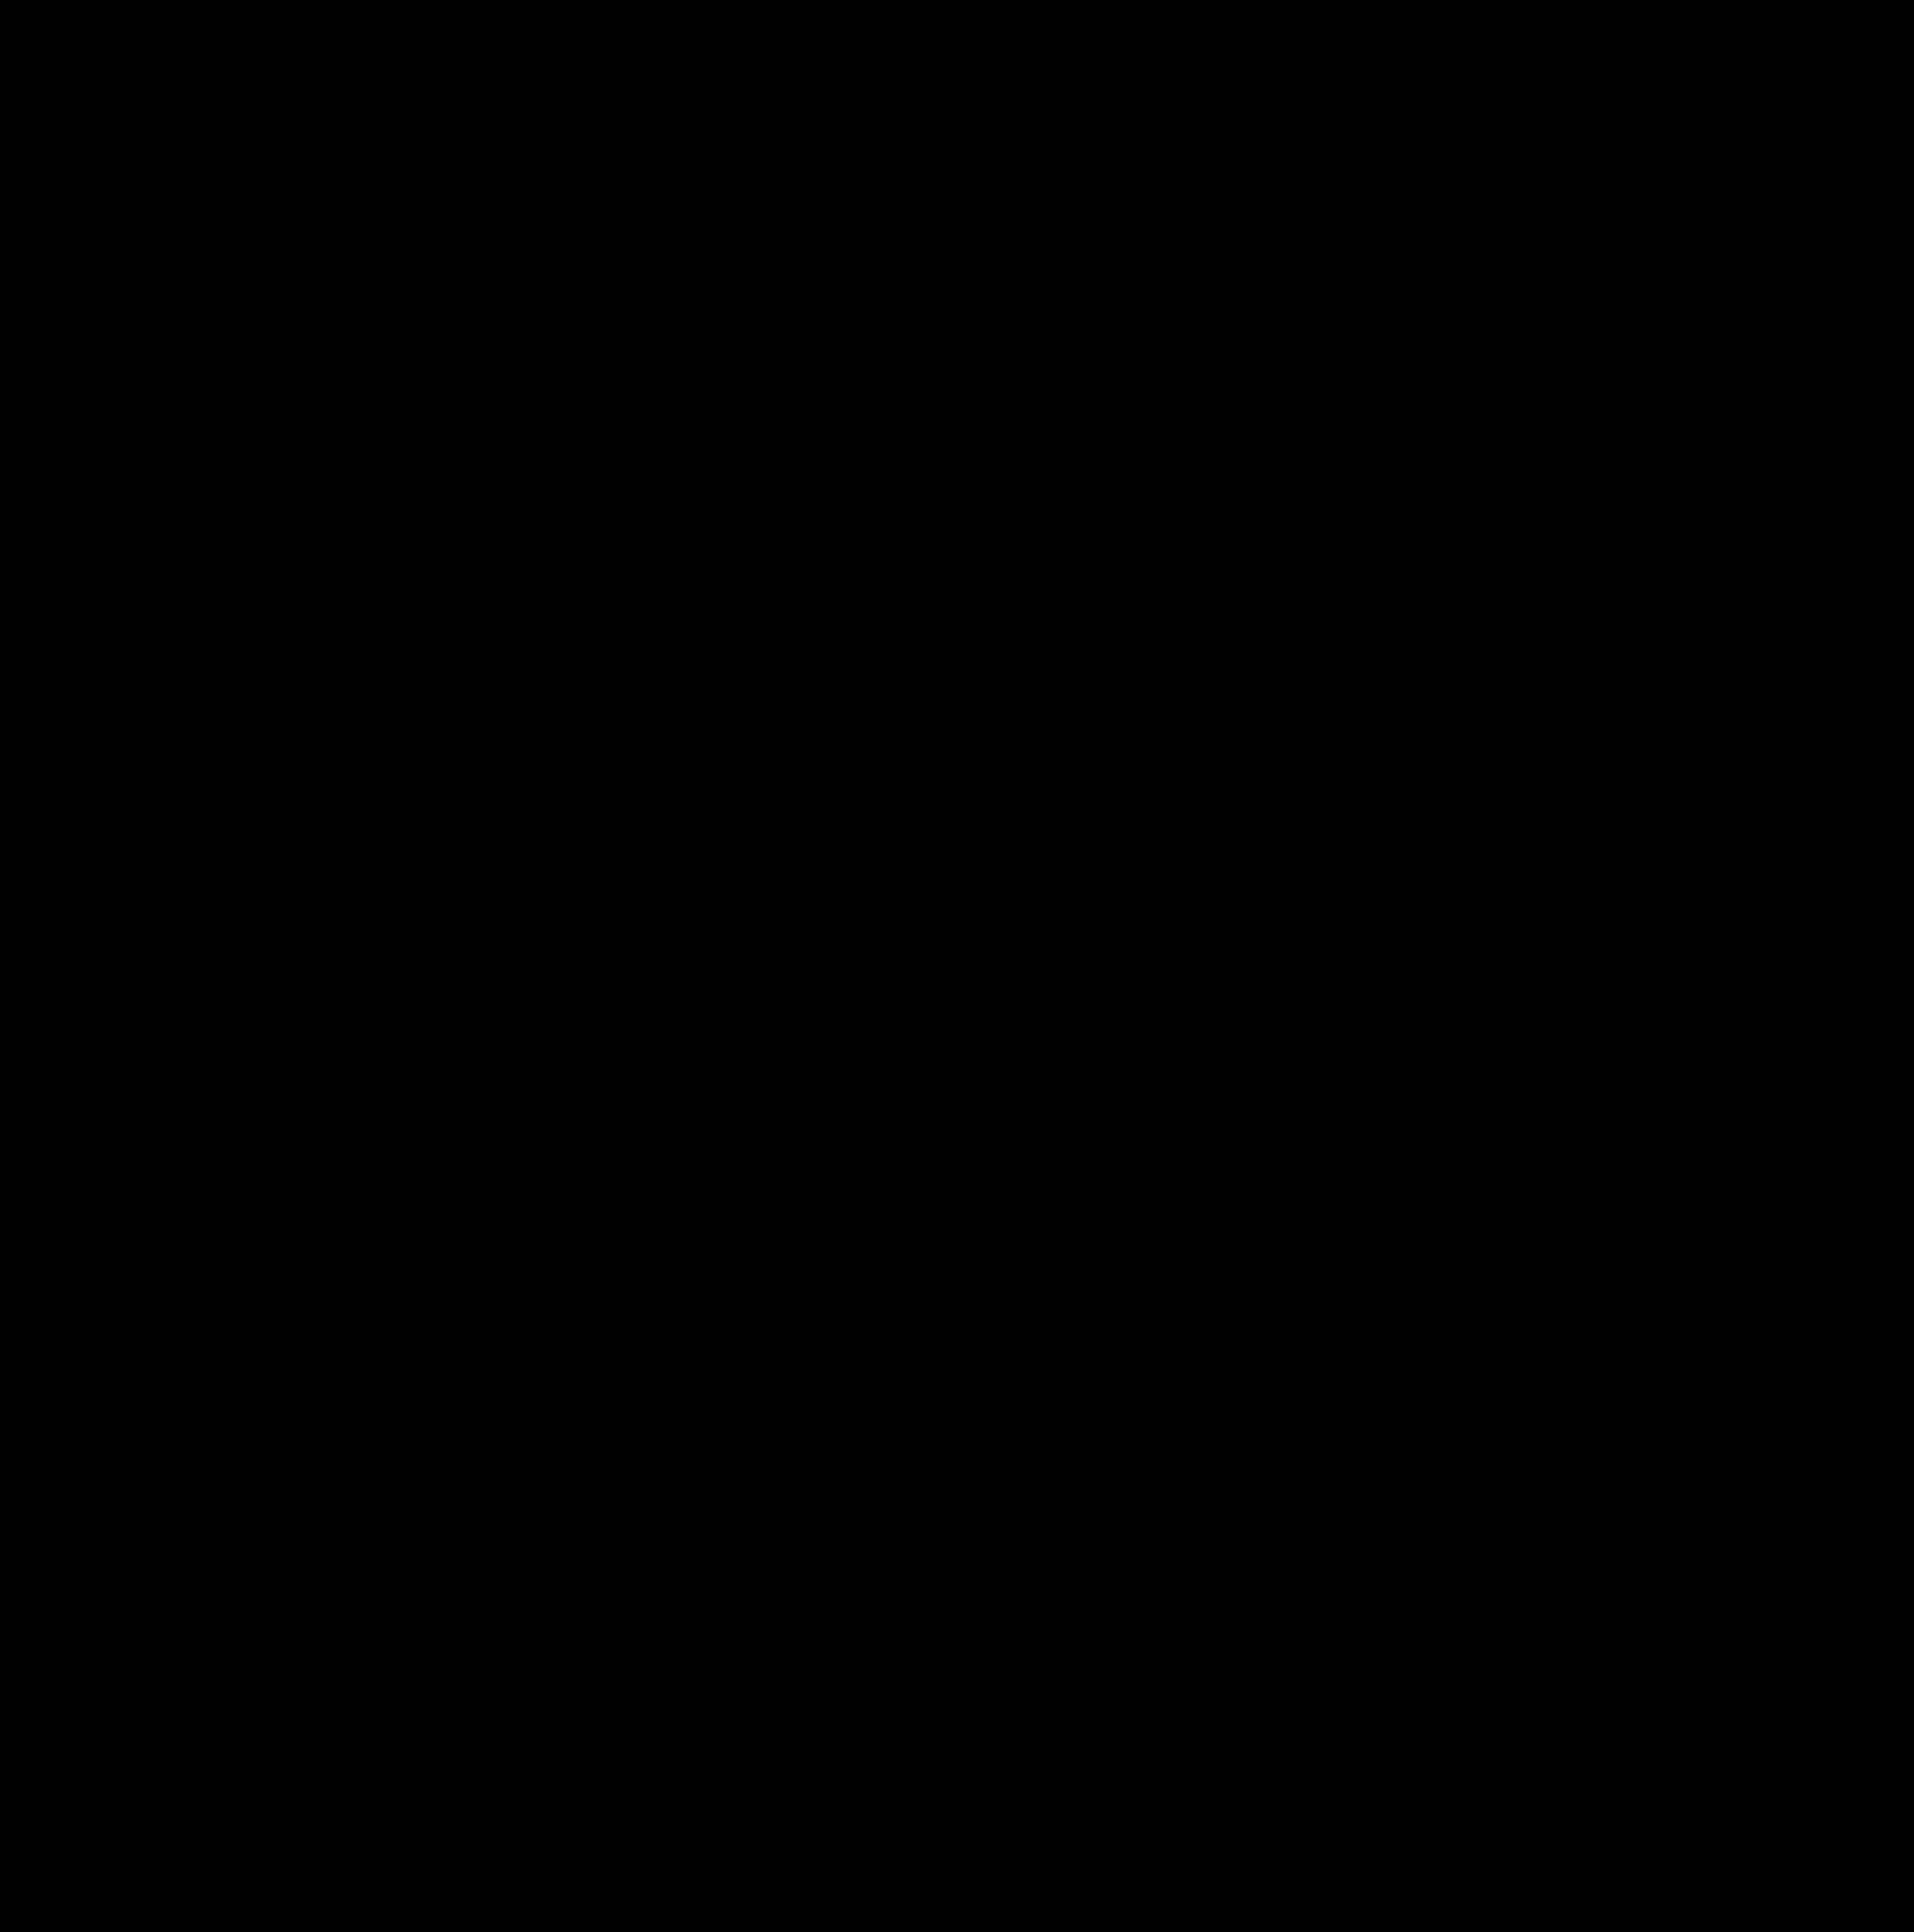 THÀNH TRUNG TELECOM